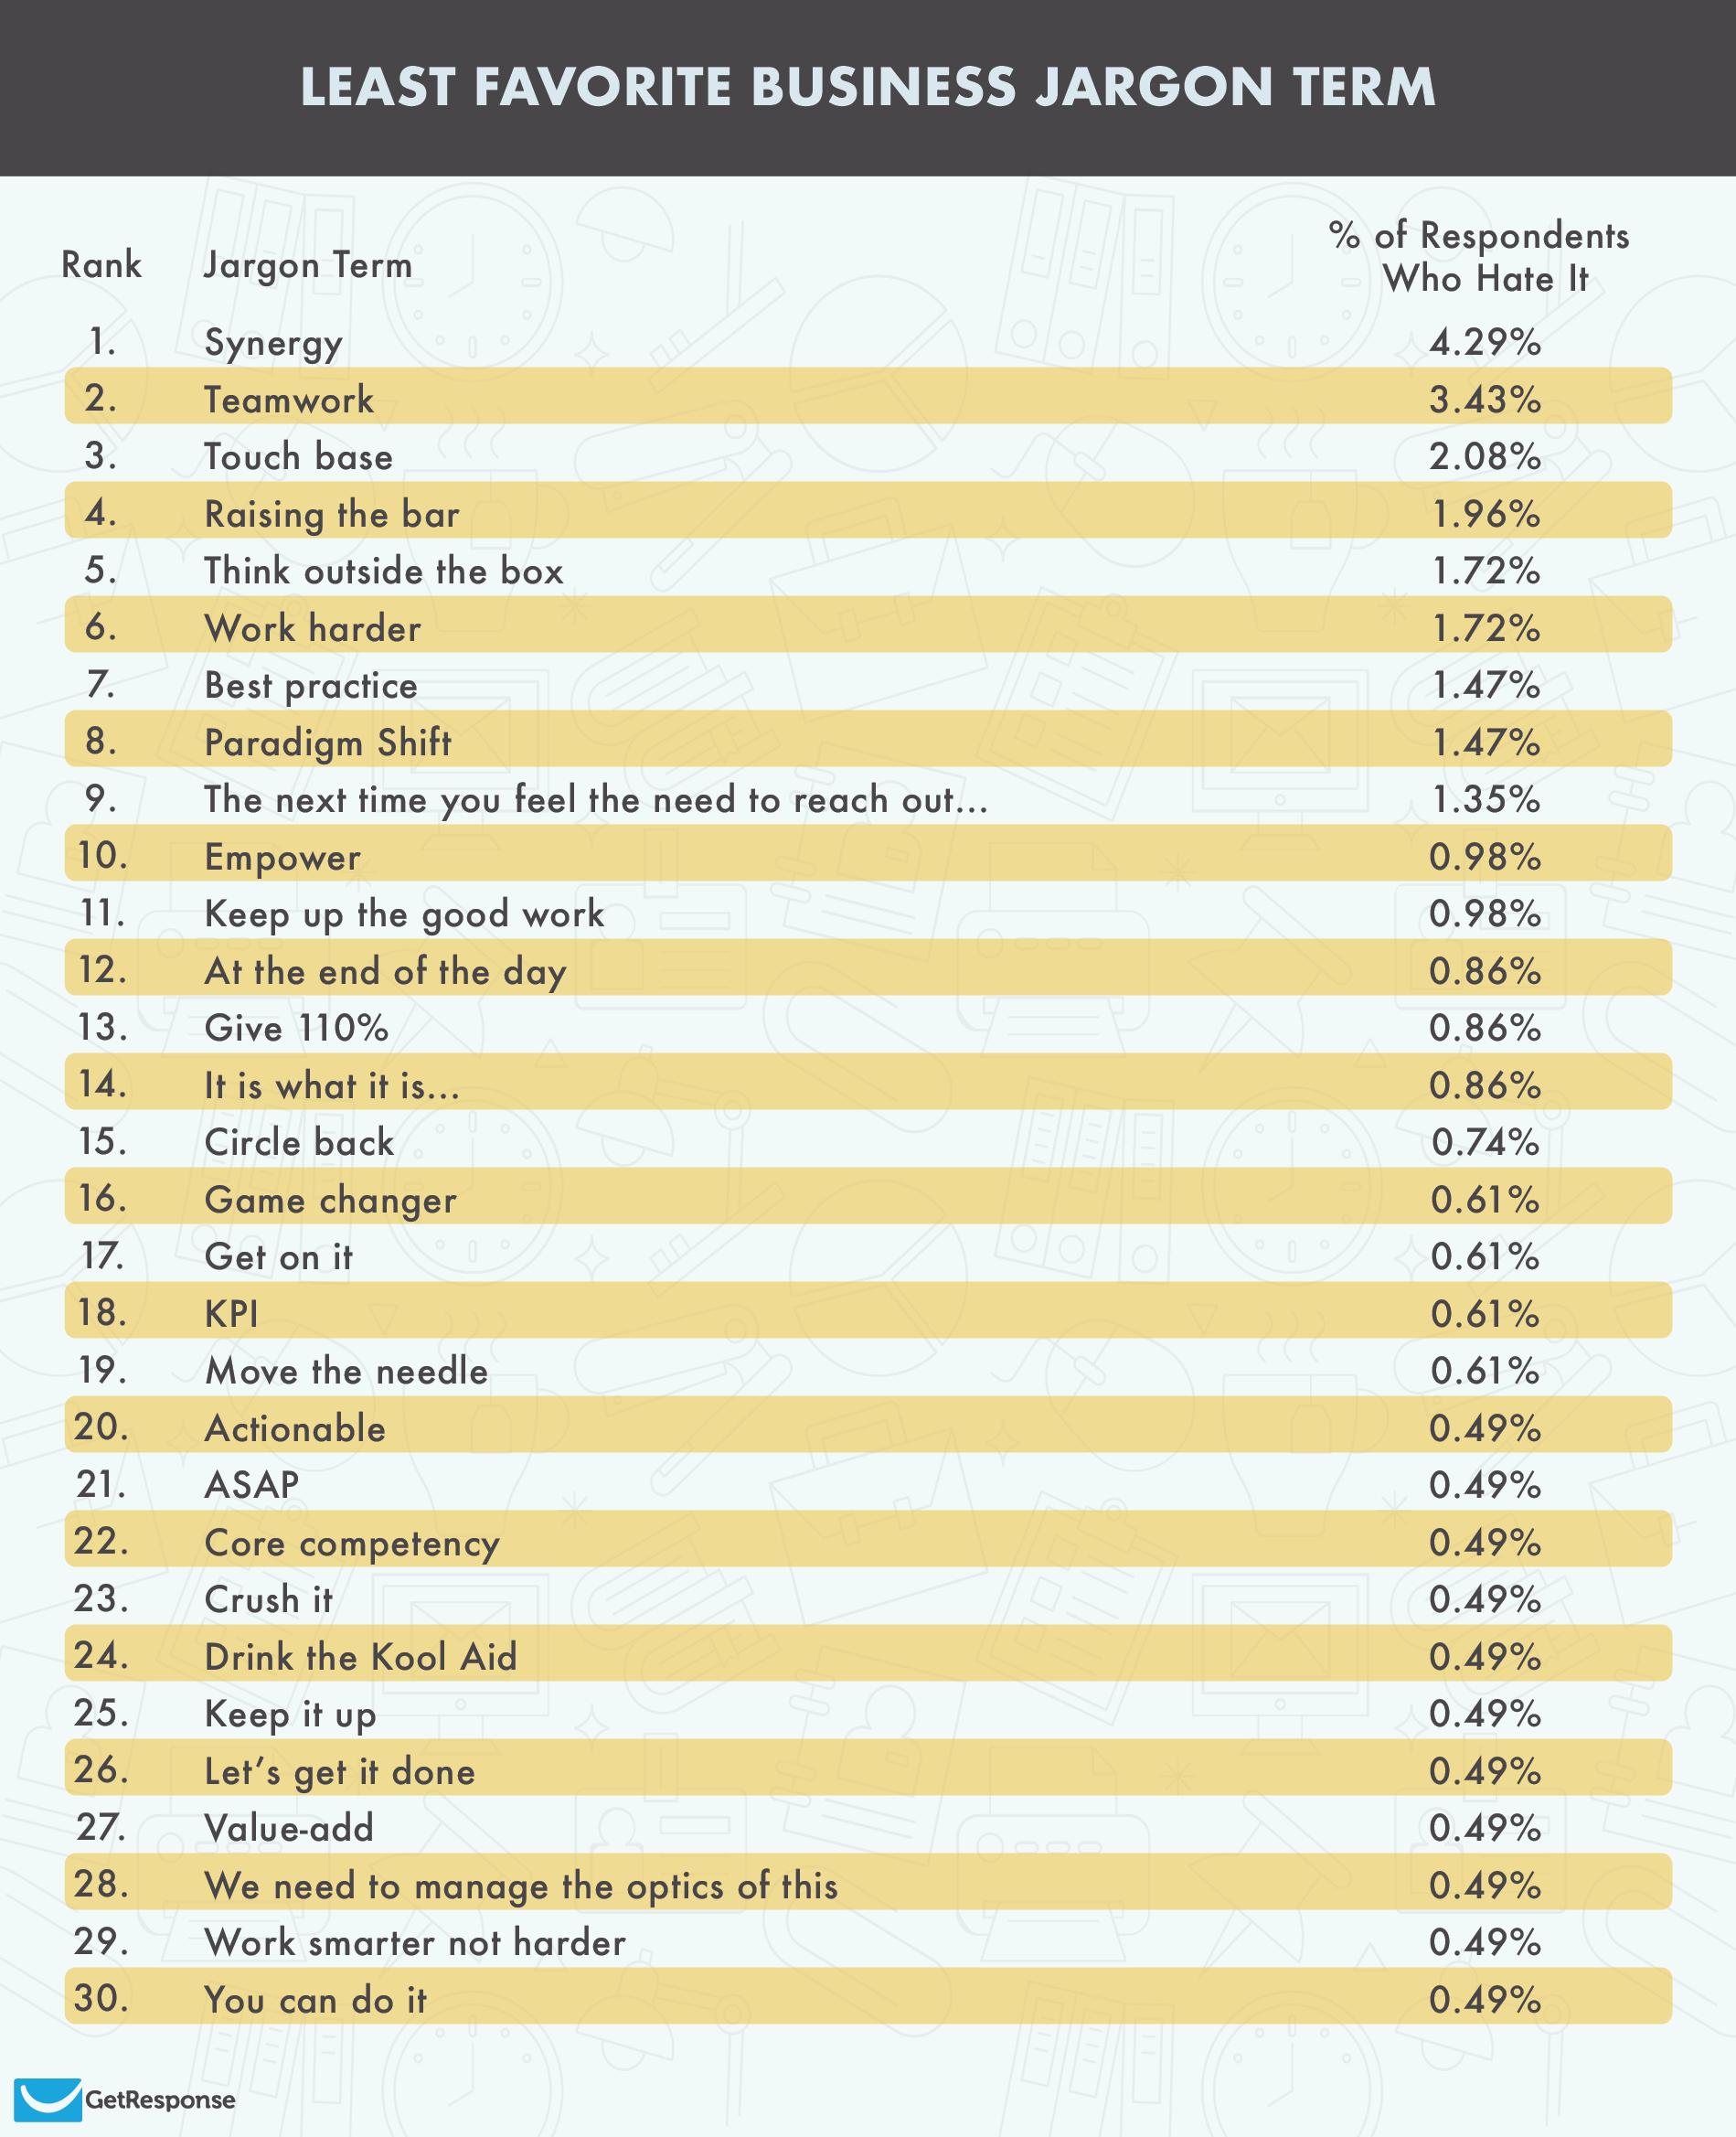 Une infographie montrant certains des mots à la mode des bureaux les plus détestés aux États-Unis.